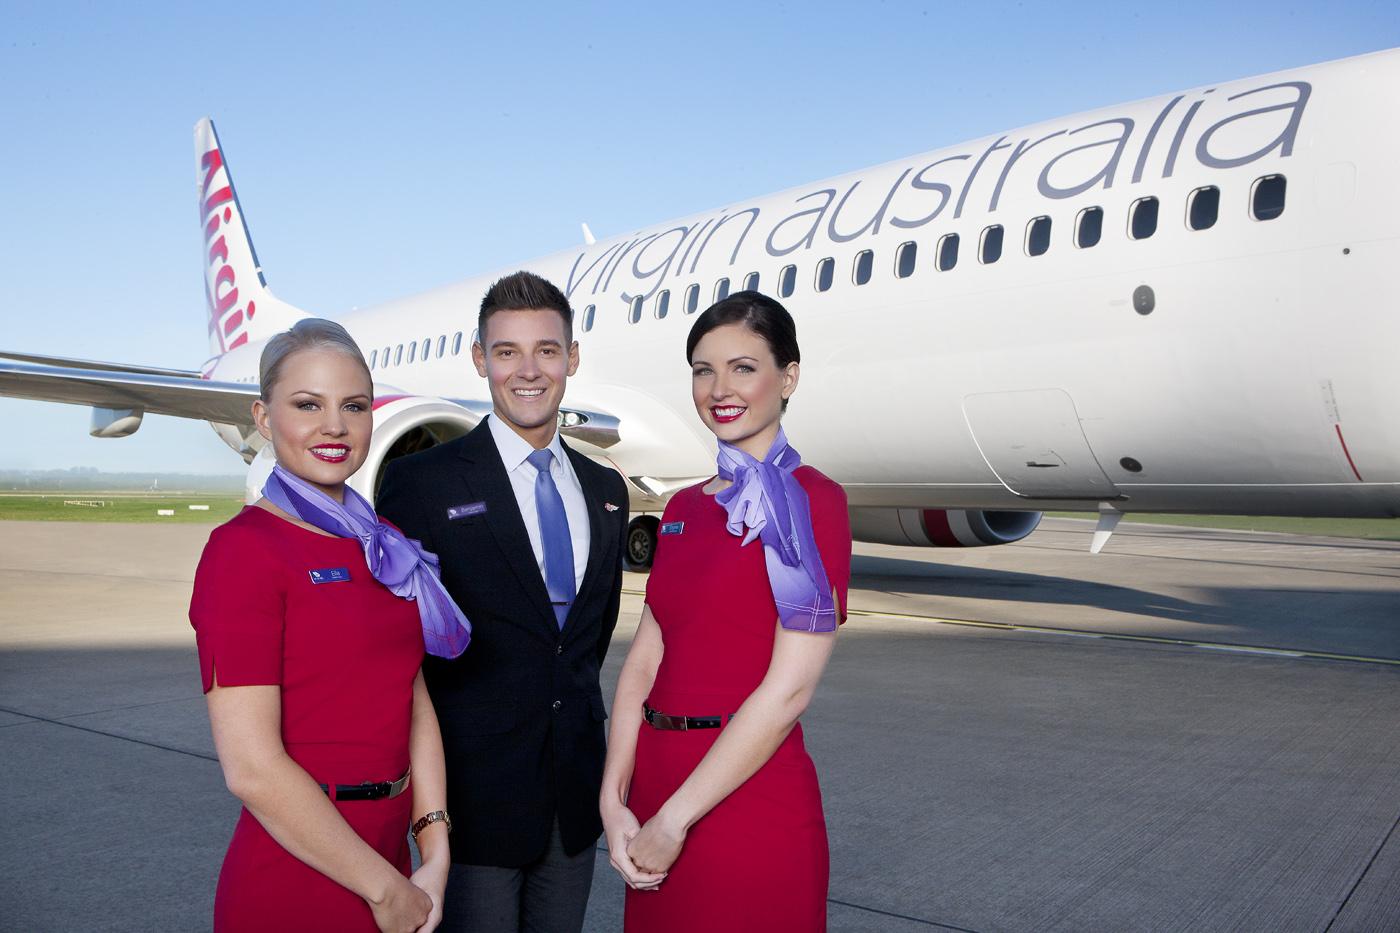 オーストラリア国内、ニュージーランドをヴァージン・オーストラリア(VA)で移動するには、どのマイレージプログラムを利用するべきか